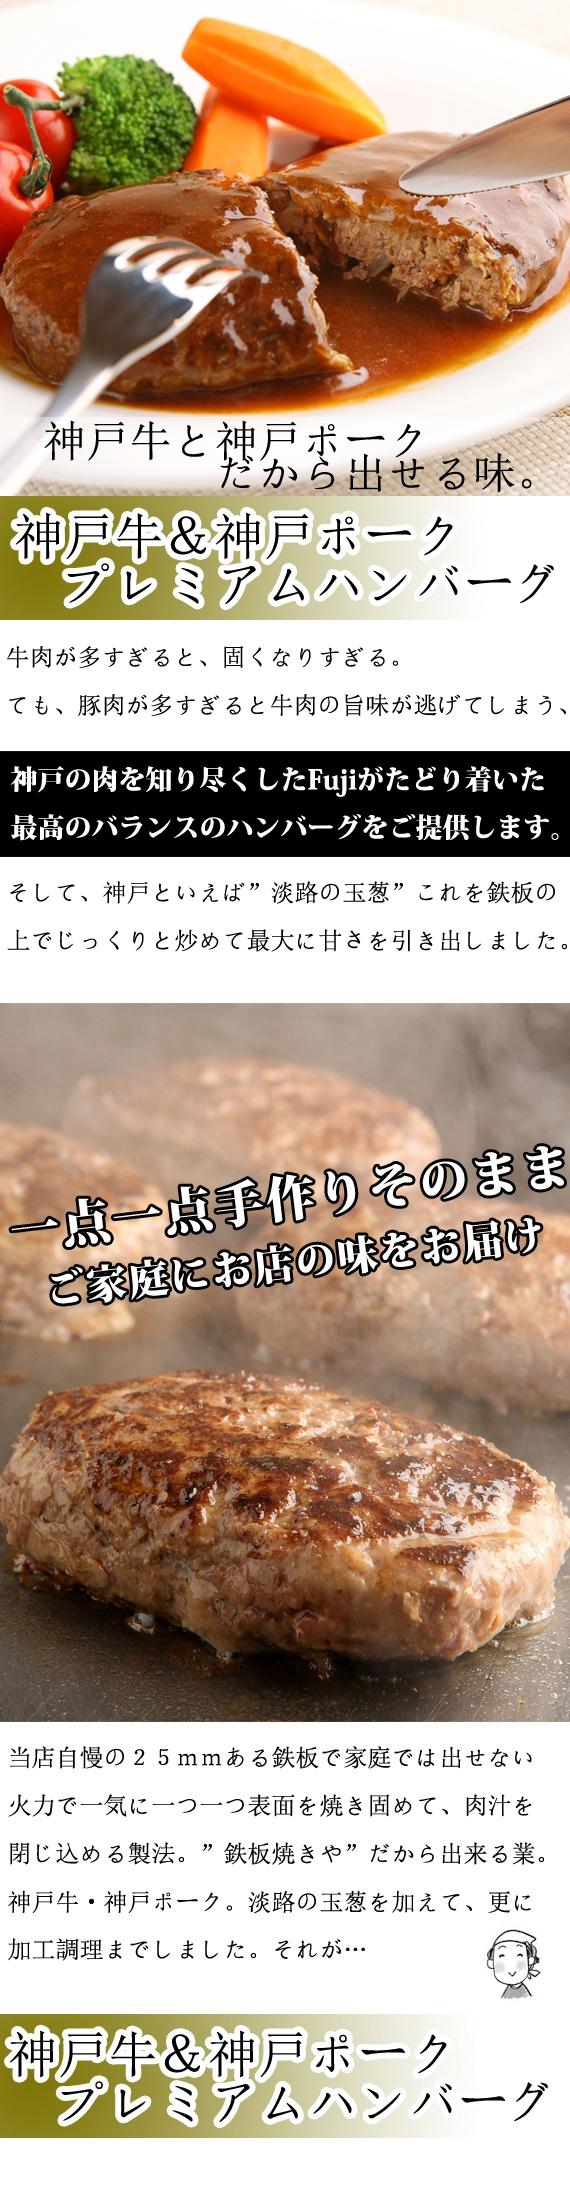 神戸牛と神戸ポークのプレミアムハンバーグデミグラスソース味180g×3個 【お歳暮2019】 【ハム・肉加工品】